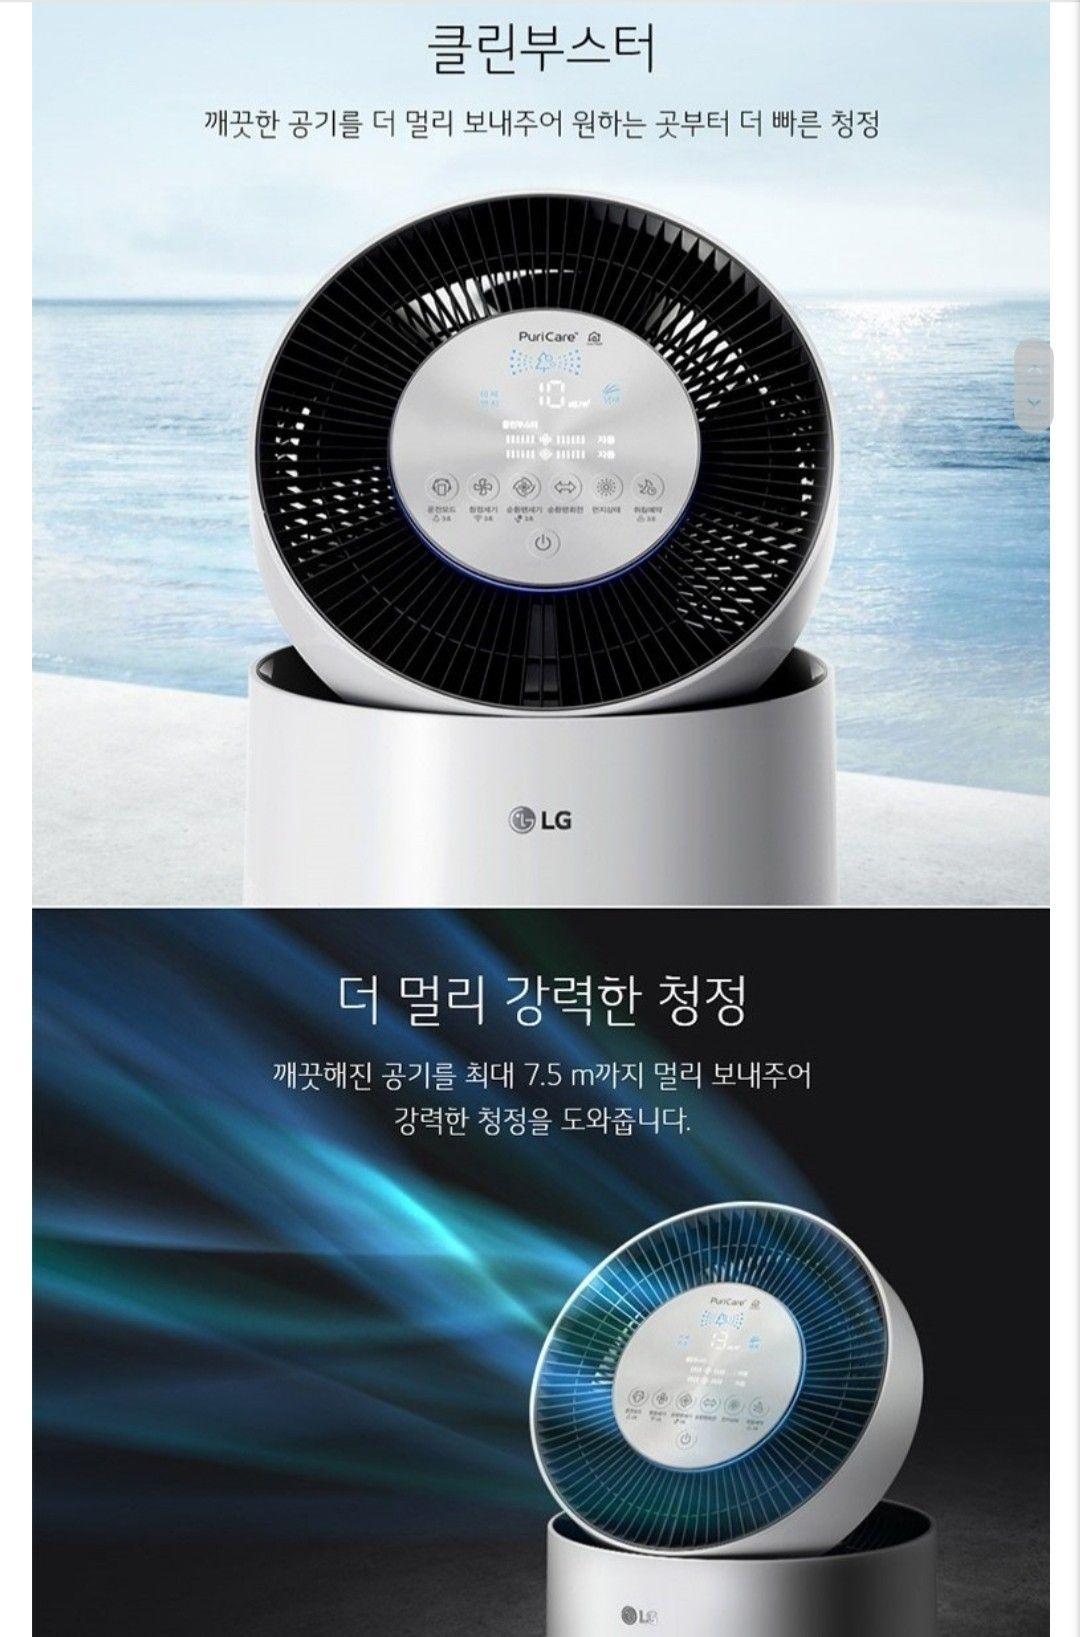 퓨리케어 공기청정기 /미세먼지 2020 전자기기, 전자제품, 자동차